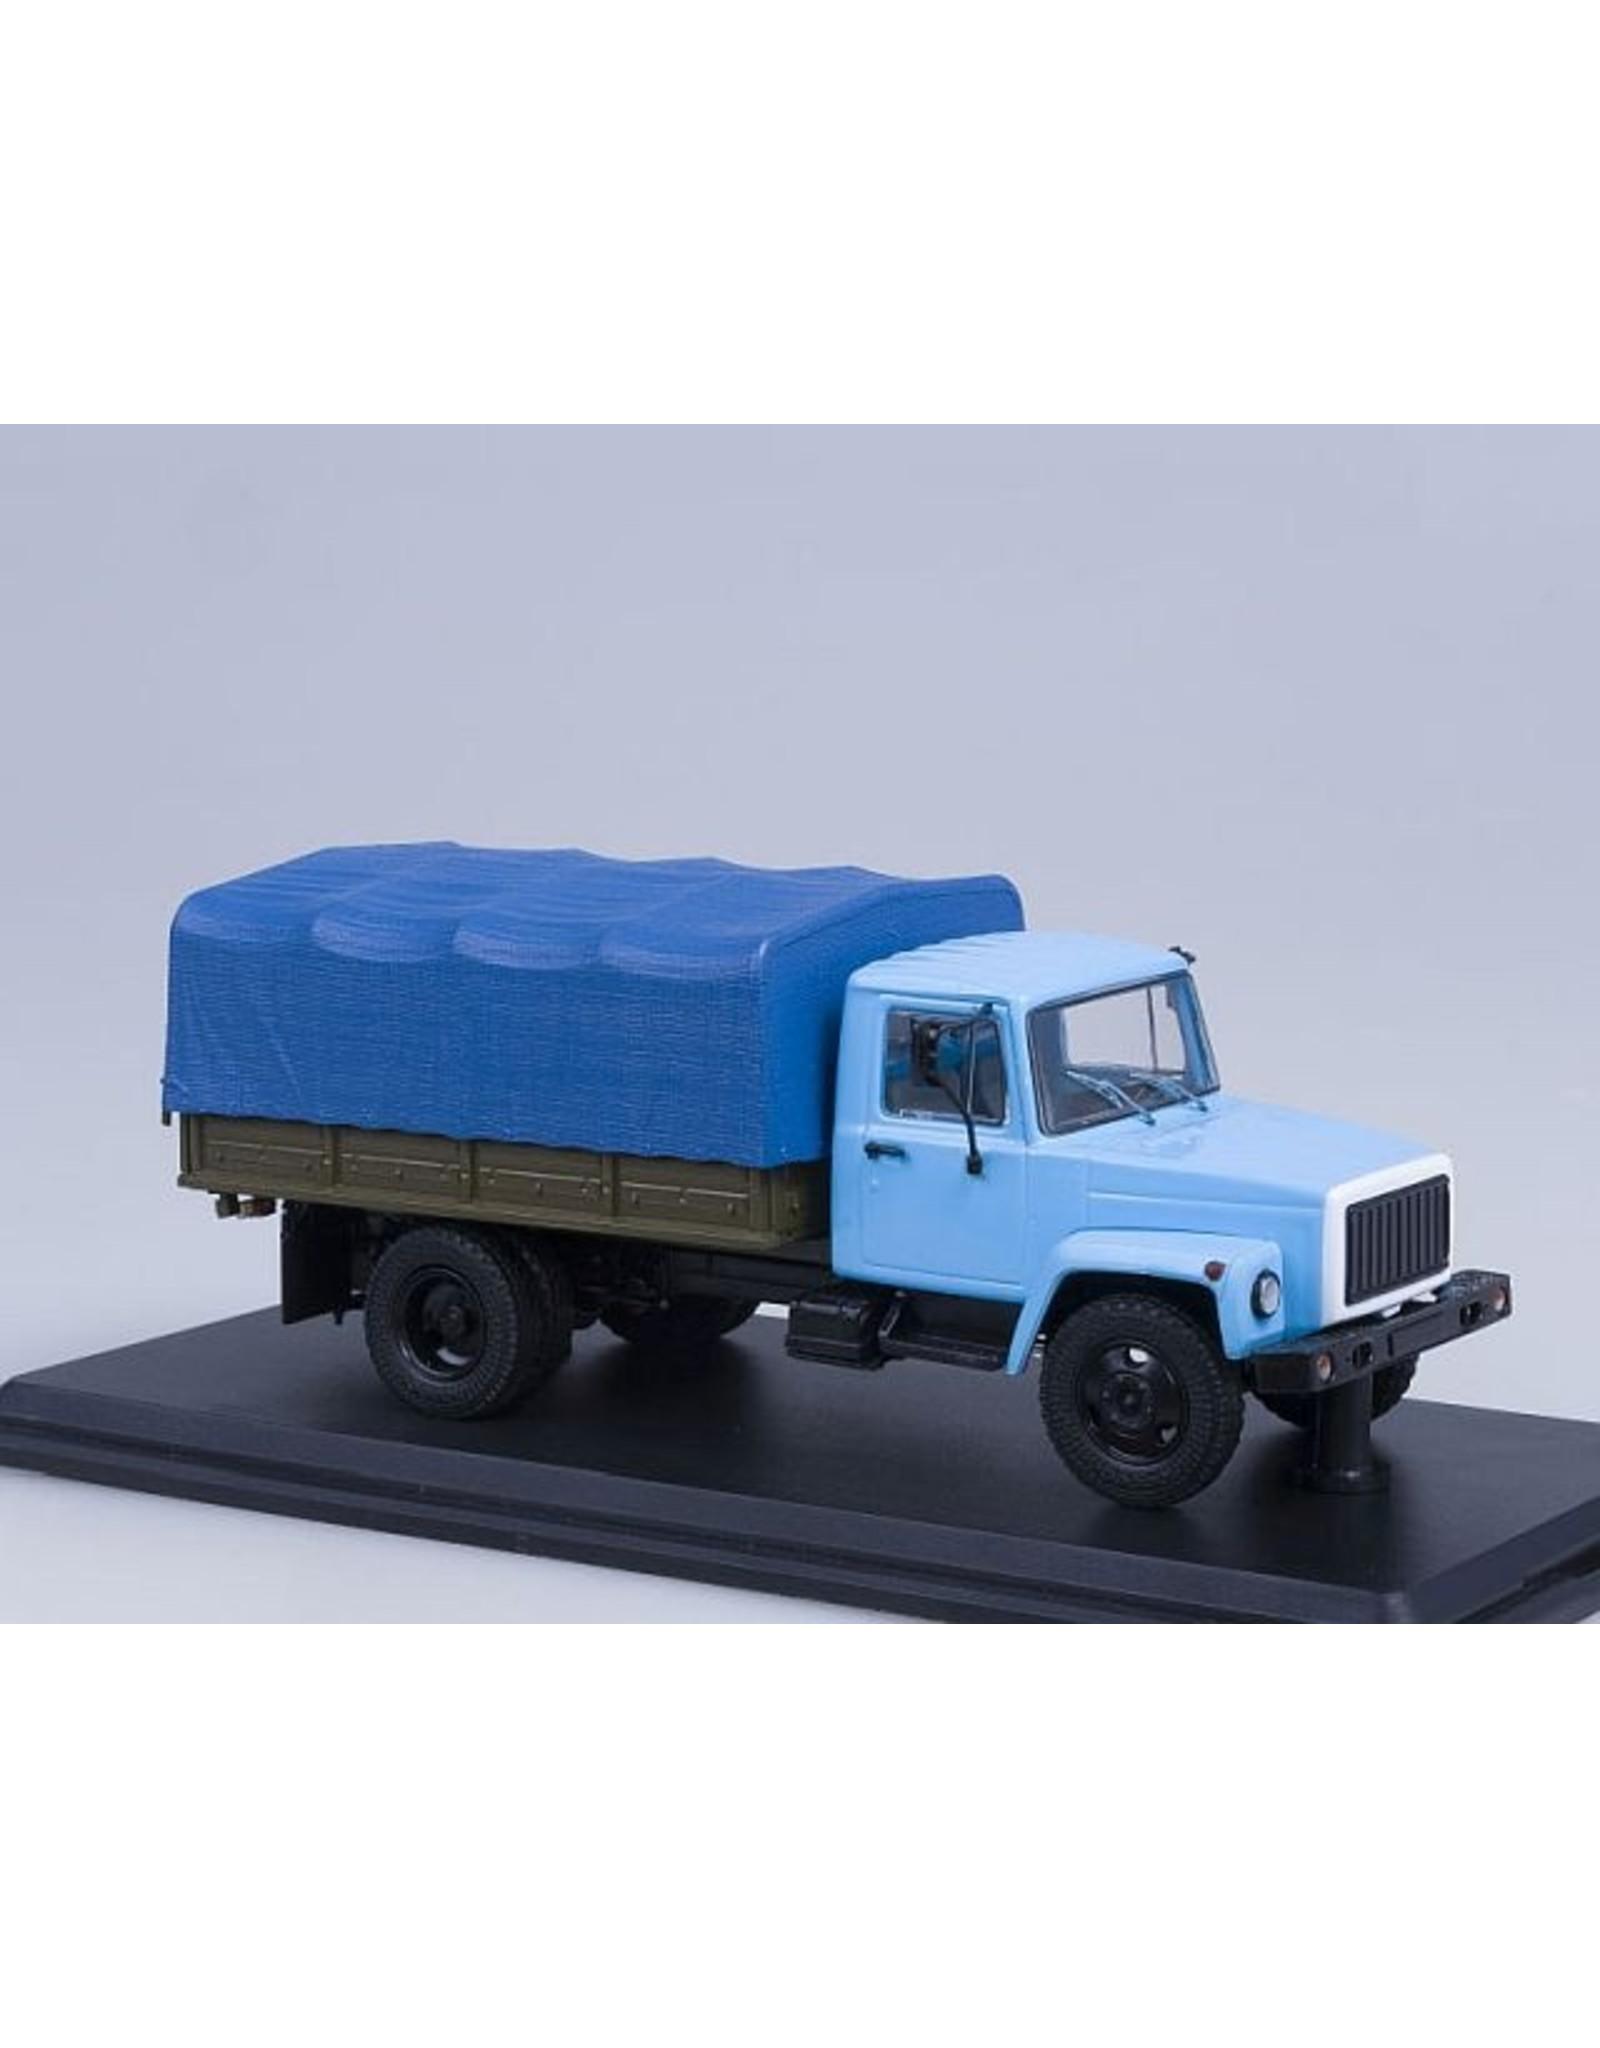 GAZ GAZ-33073 TRUCK TAXI